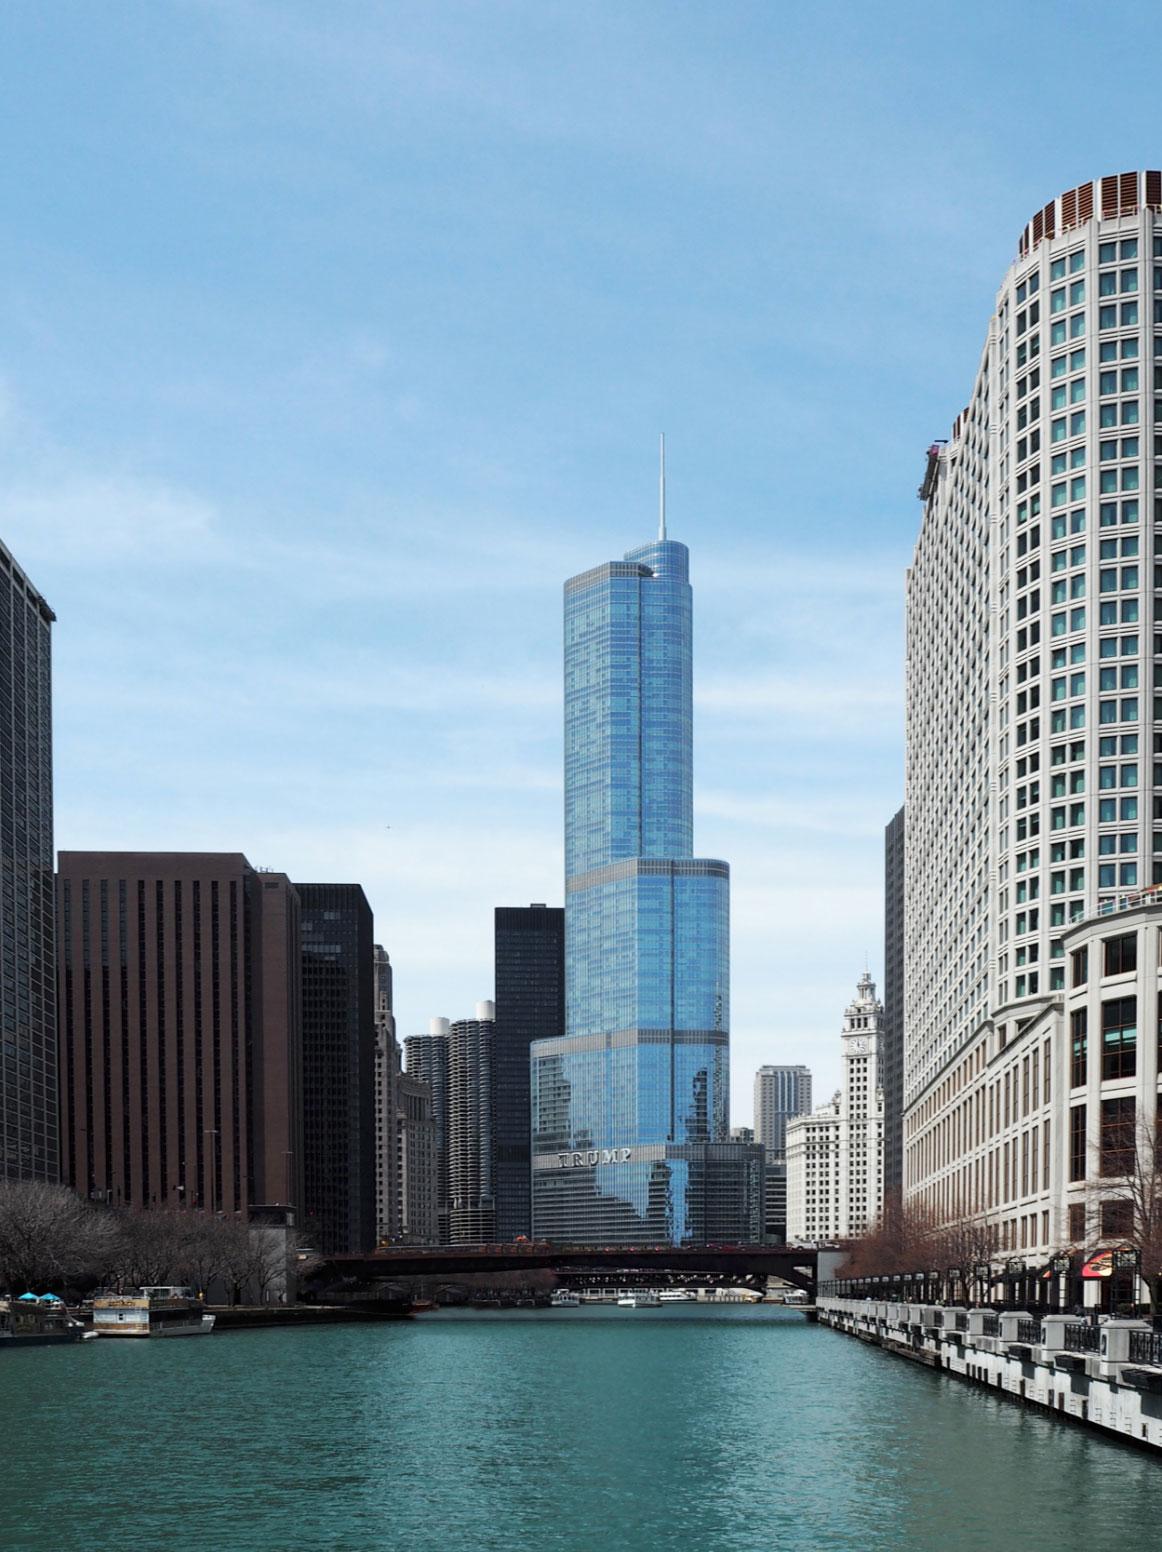 Chicago_River_01.jpg